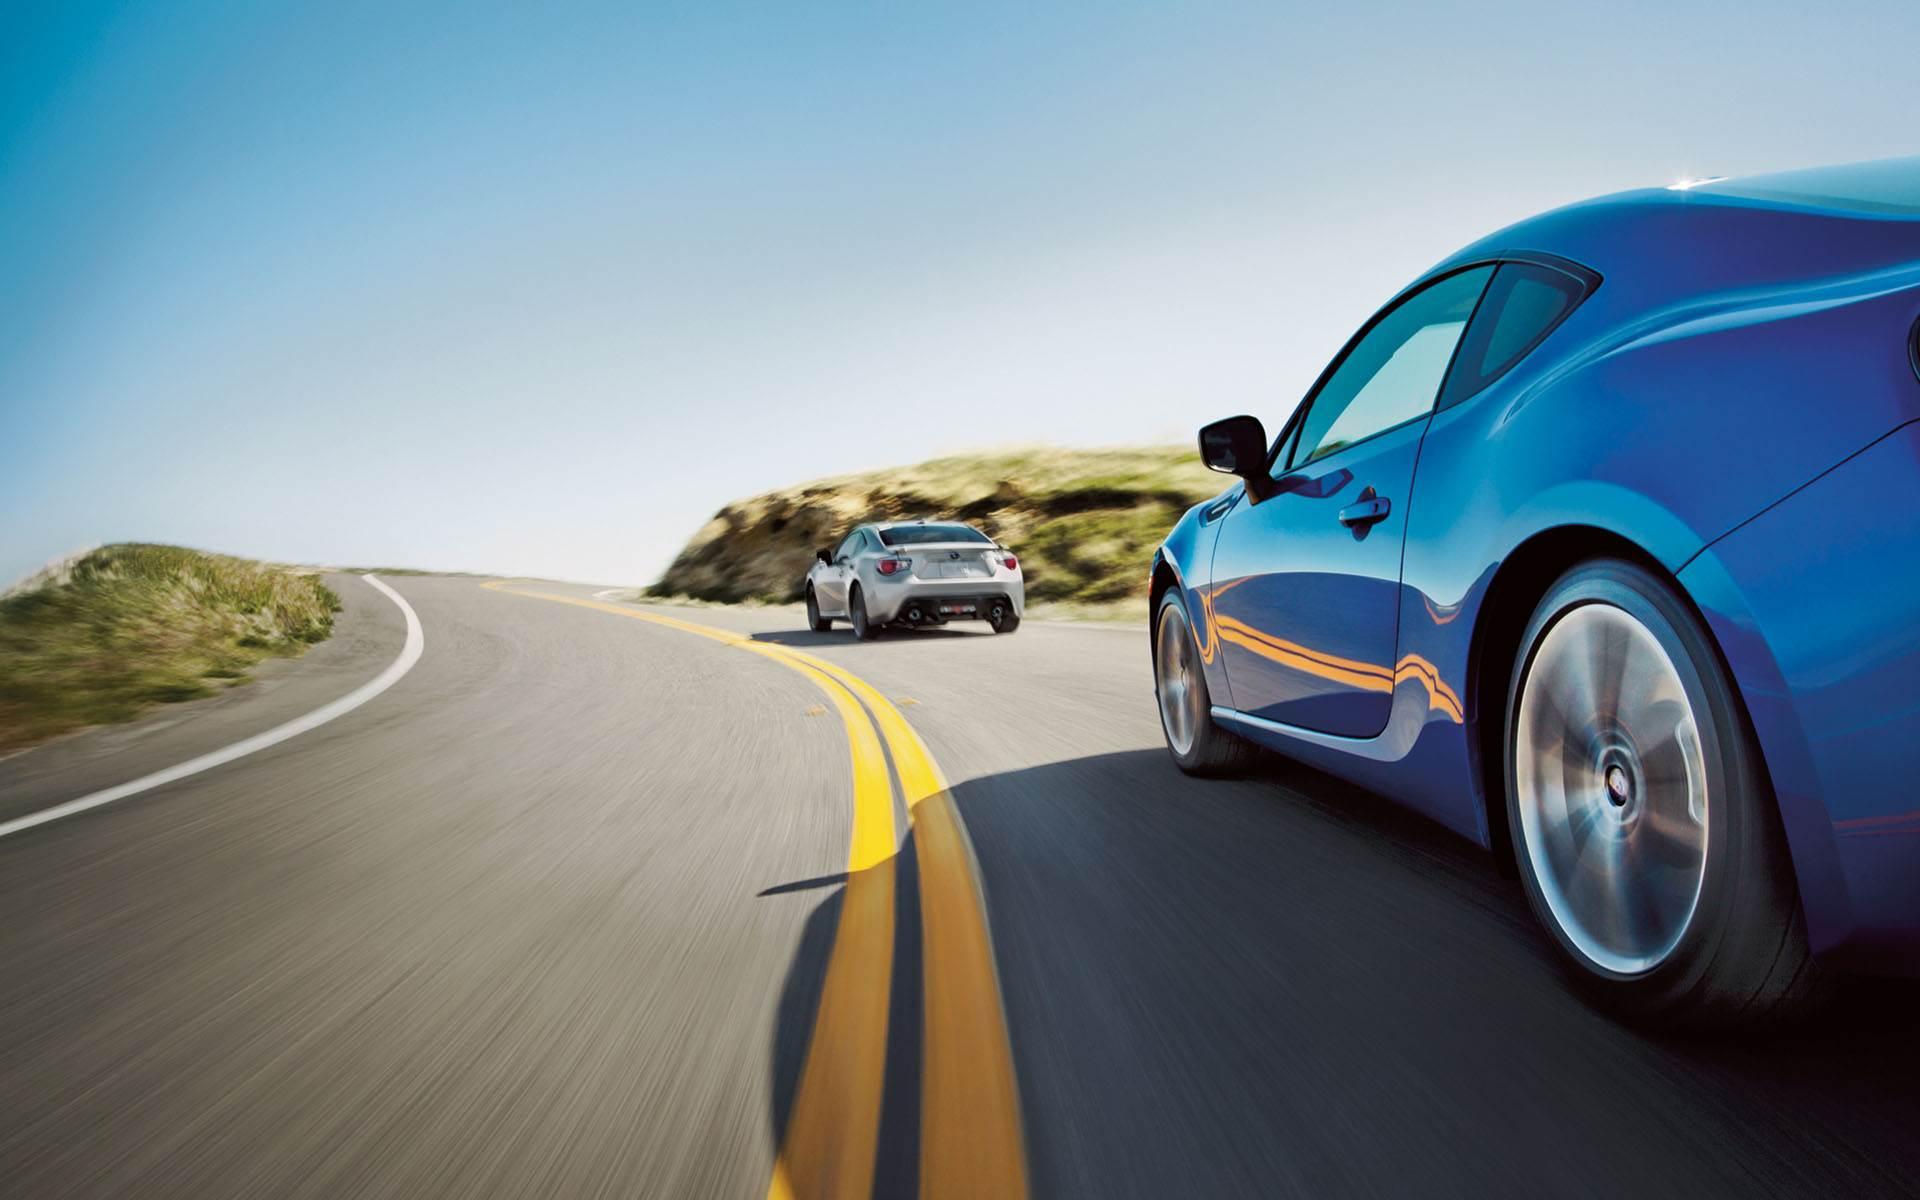 Deals On Oil Changes >> Subaru Oil Change Service Specials Deals Commerce Township Mi